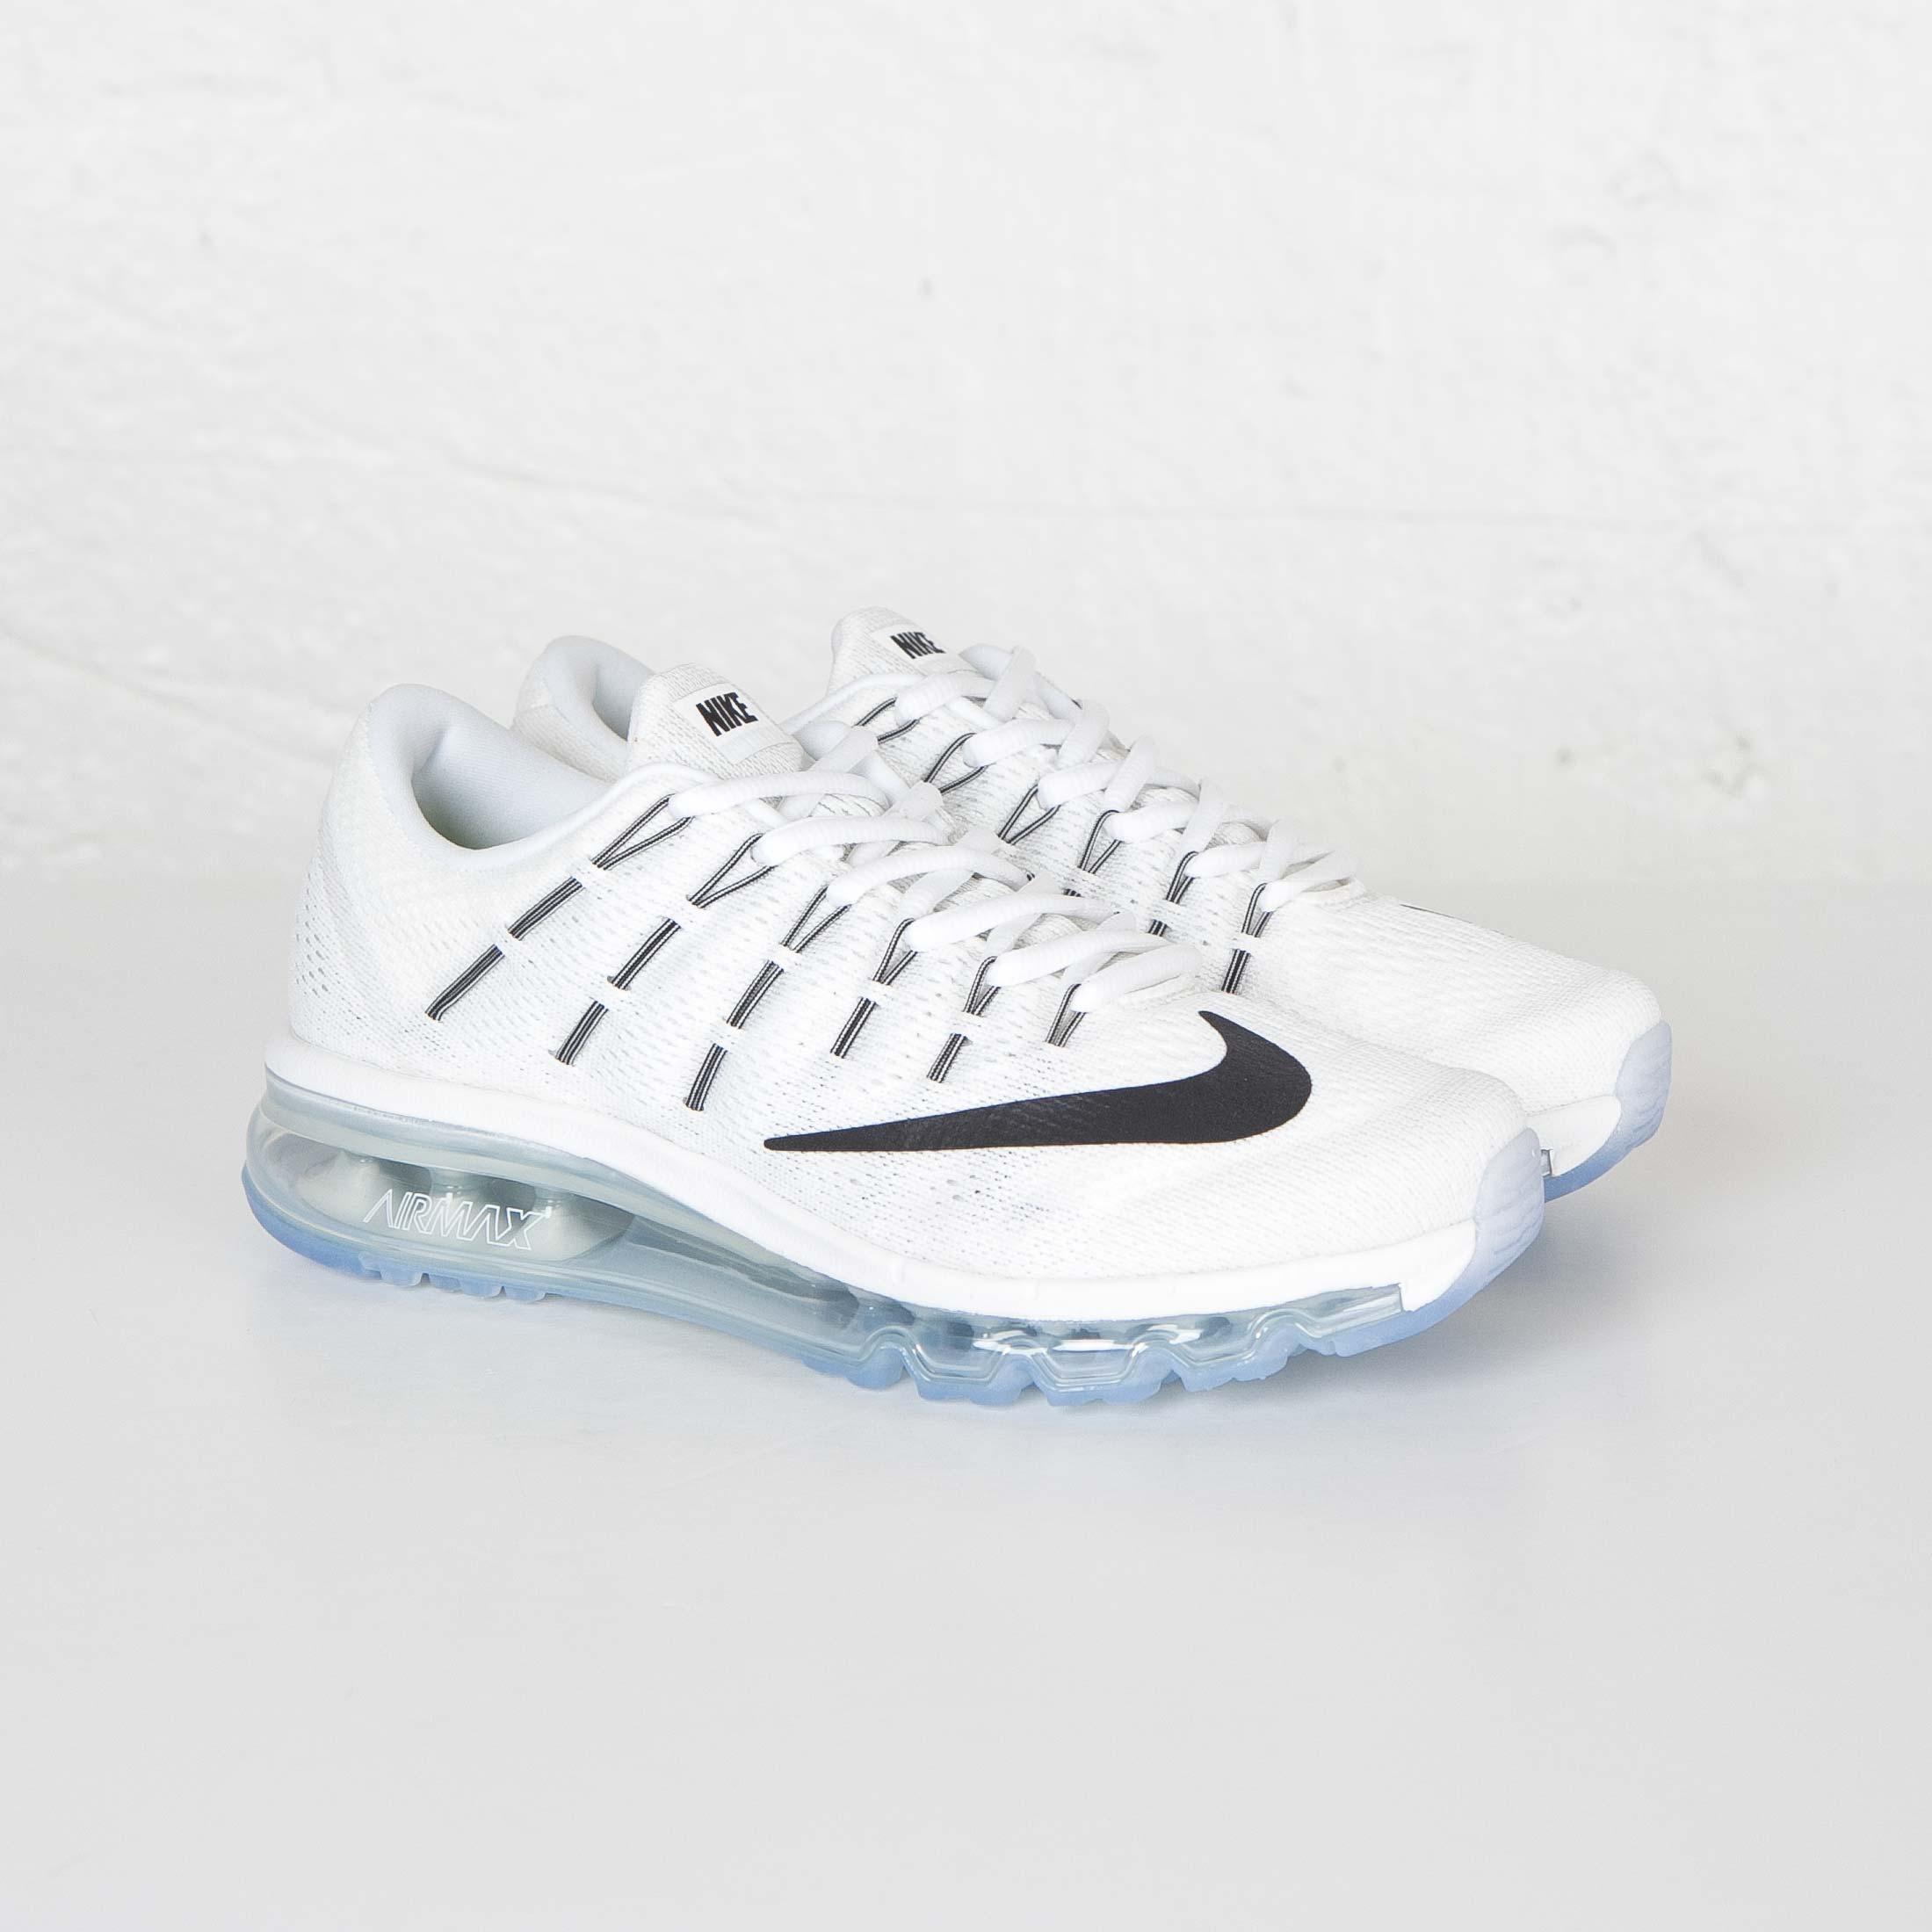 nike air max 2016 806772 100 sneakersnstuff sneakers rh sneakersnstuff com